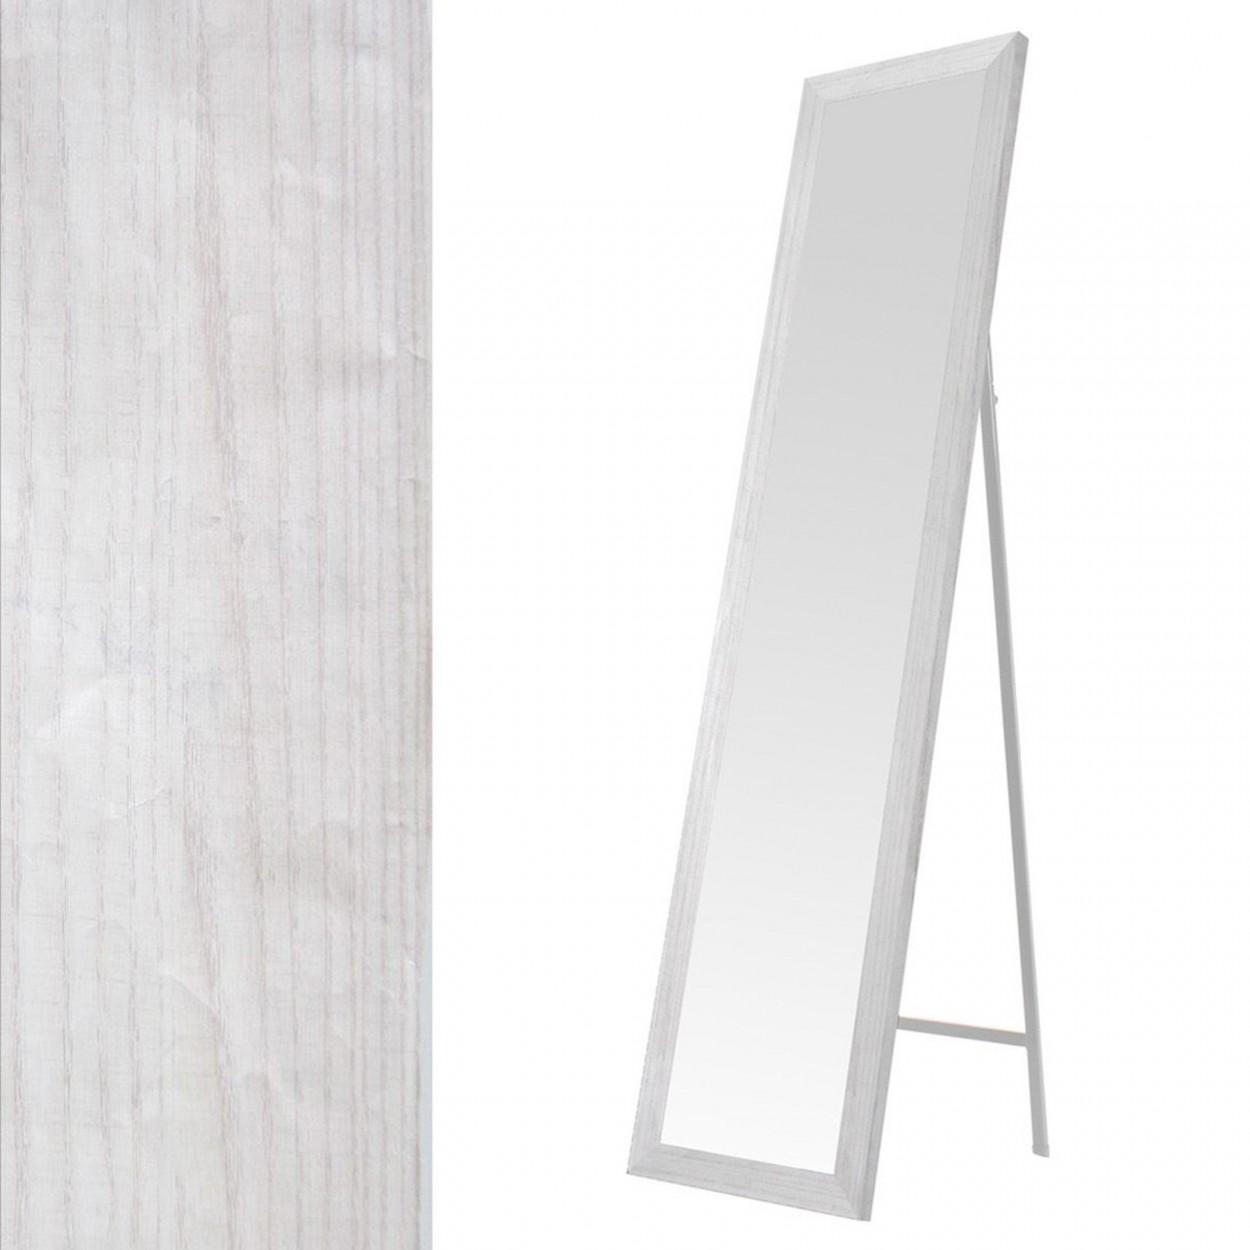 Comprar espejo de pie en mdf color blanco hogar y mas for Espejo pie blanco